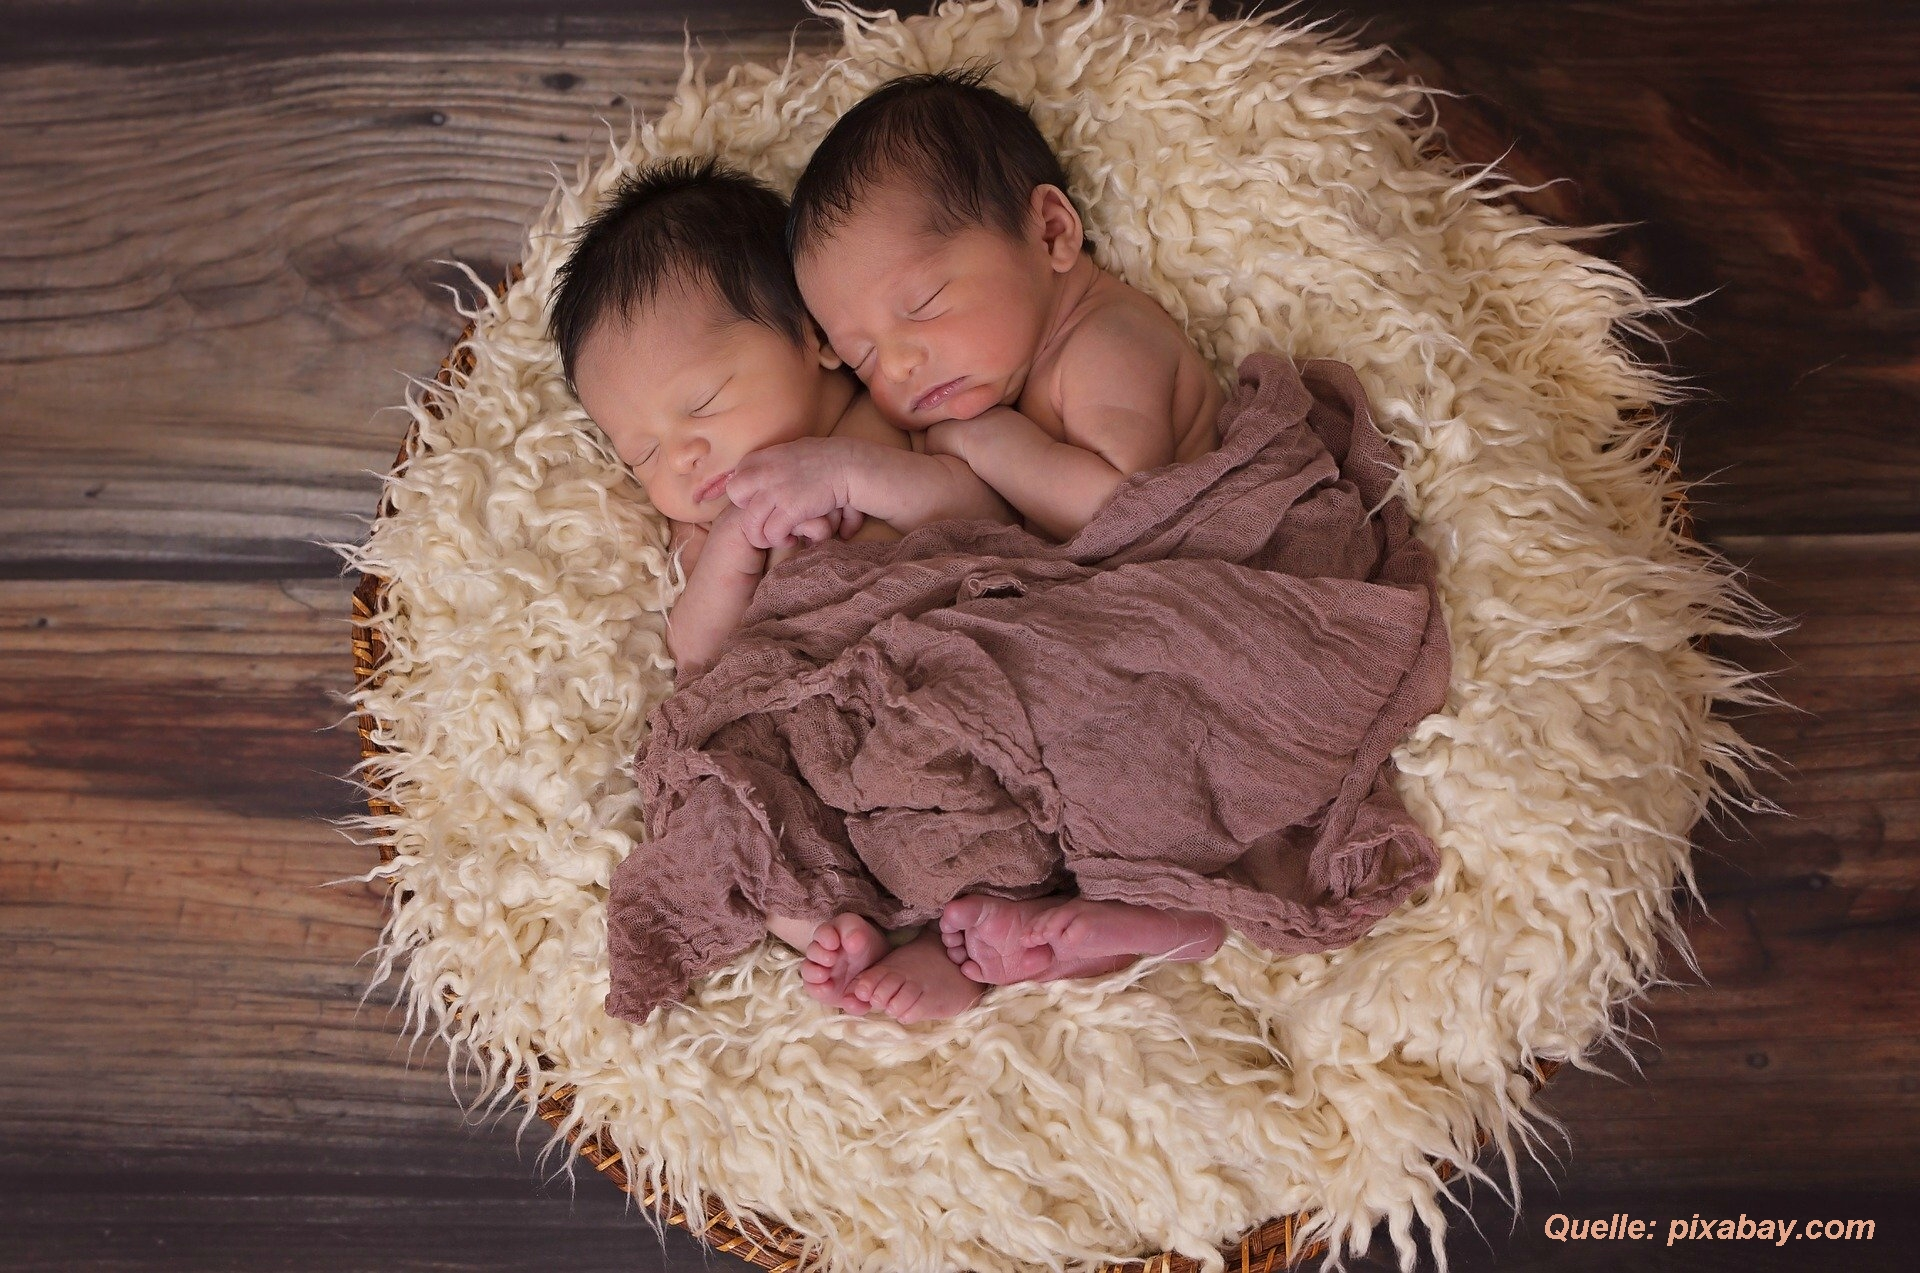 Zwillinge nach der Geburt auf Fell